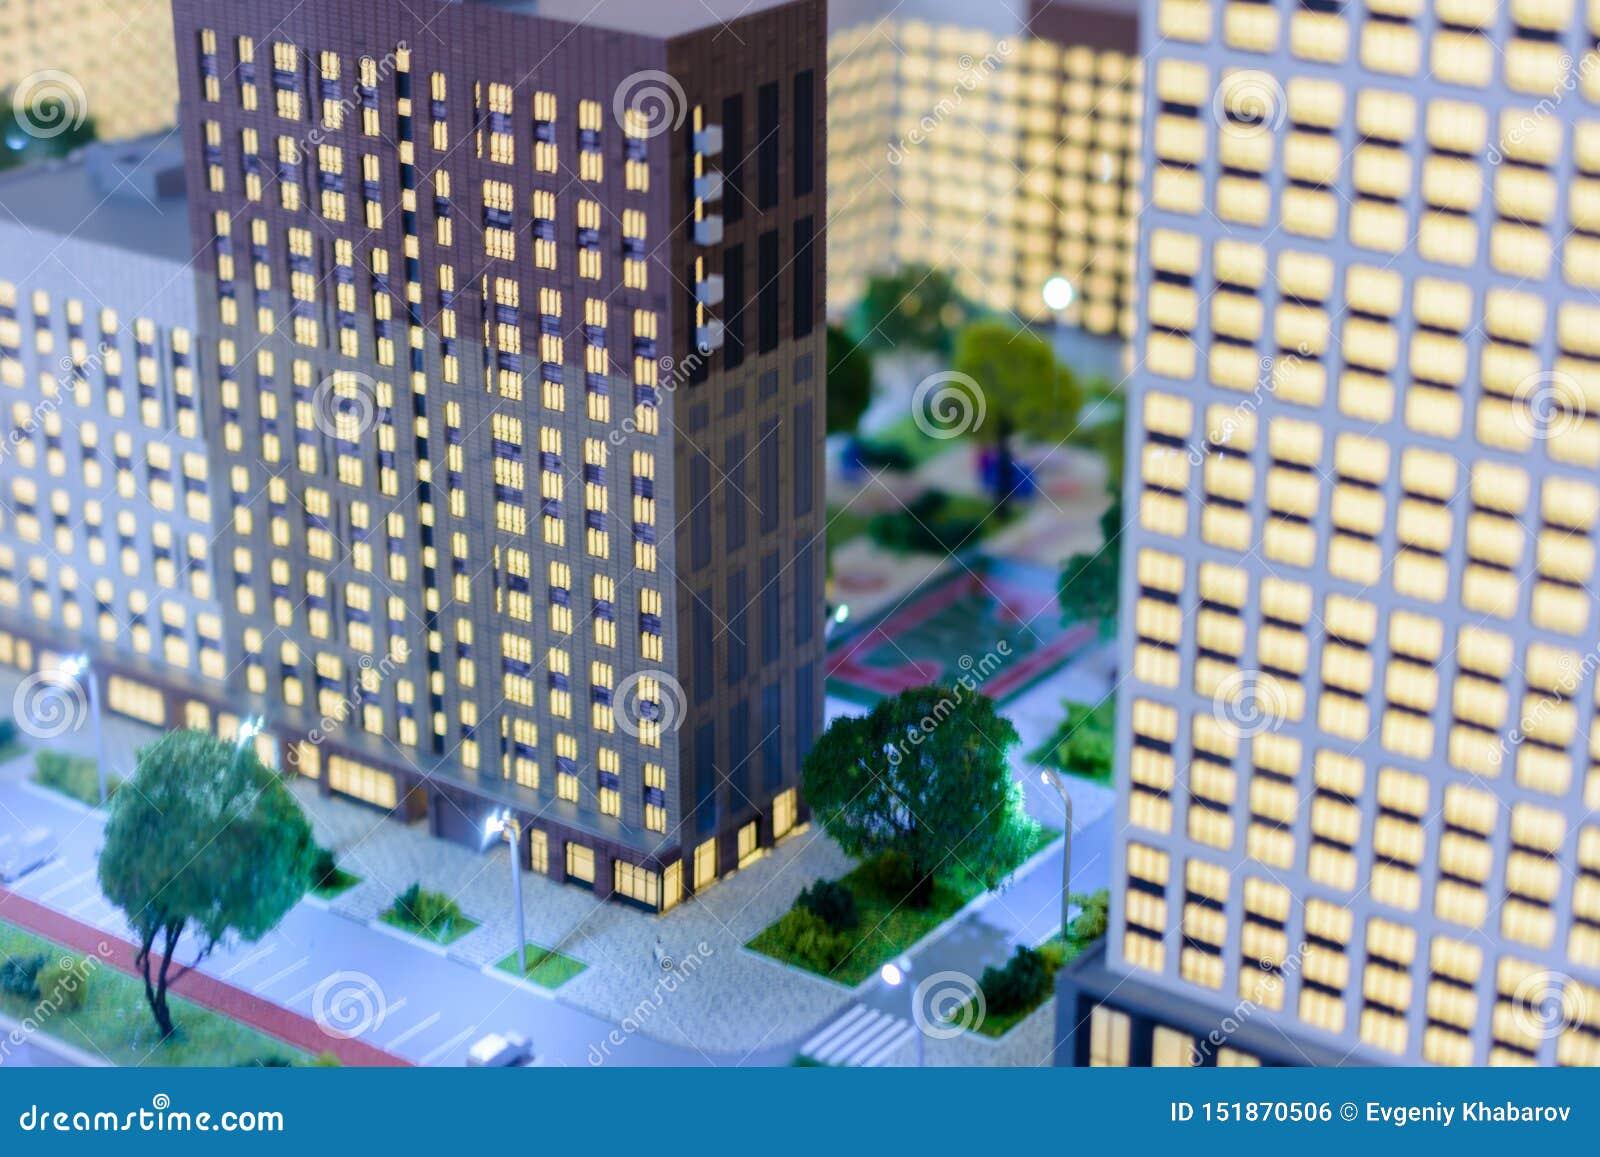 Городок игрушки Влияние нерезкости переноса наклона Городской пейзаж небоскребов жилого массива современных